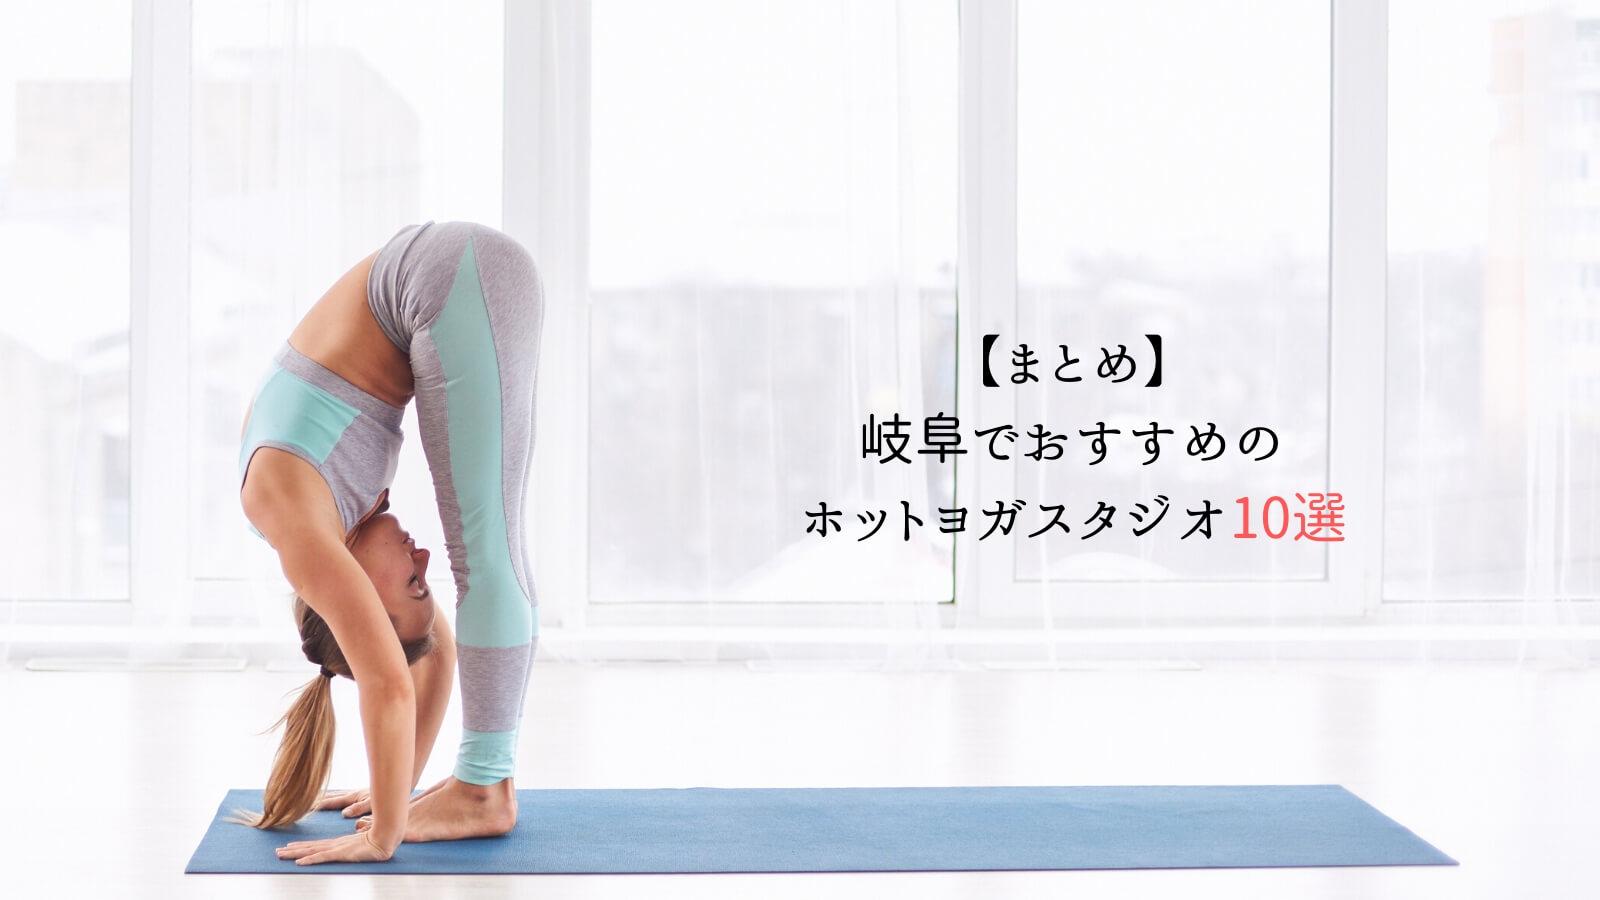 【まとめ】岐阜でおすすめのホットヨガスタジオ10選